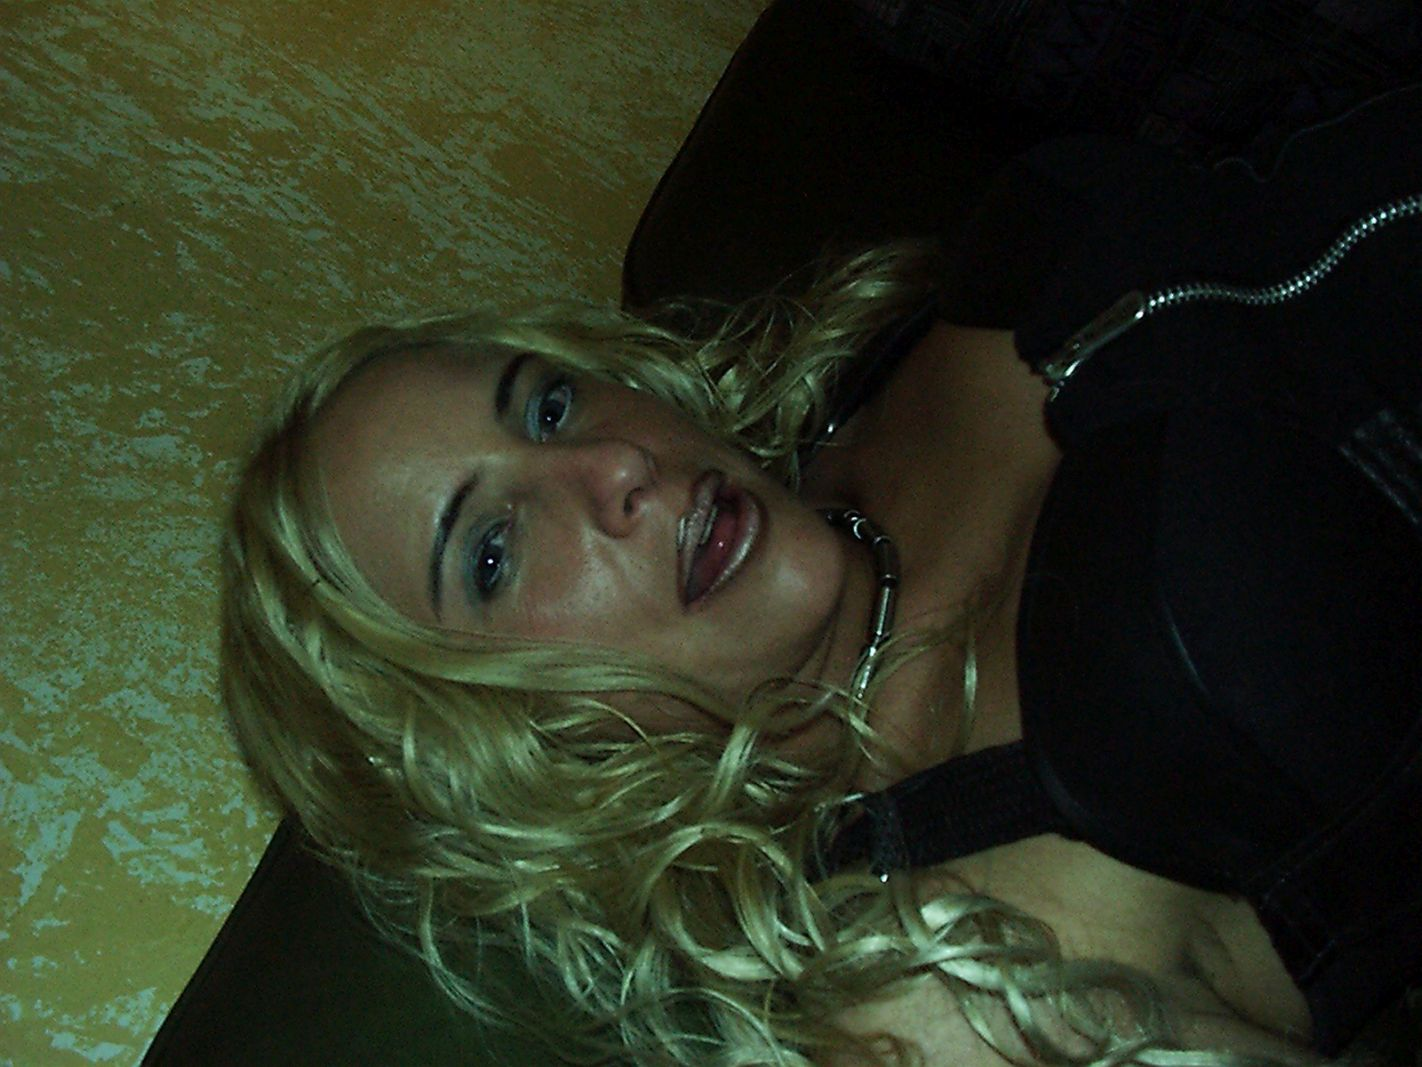 lüsterne Blondine